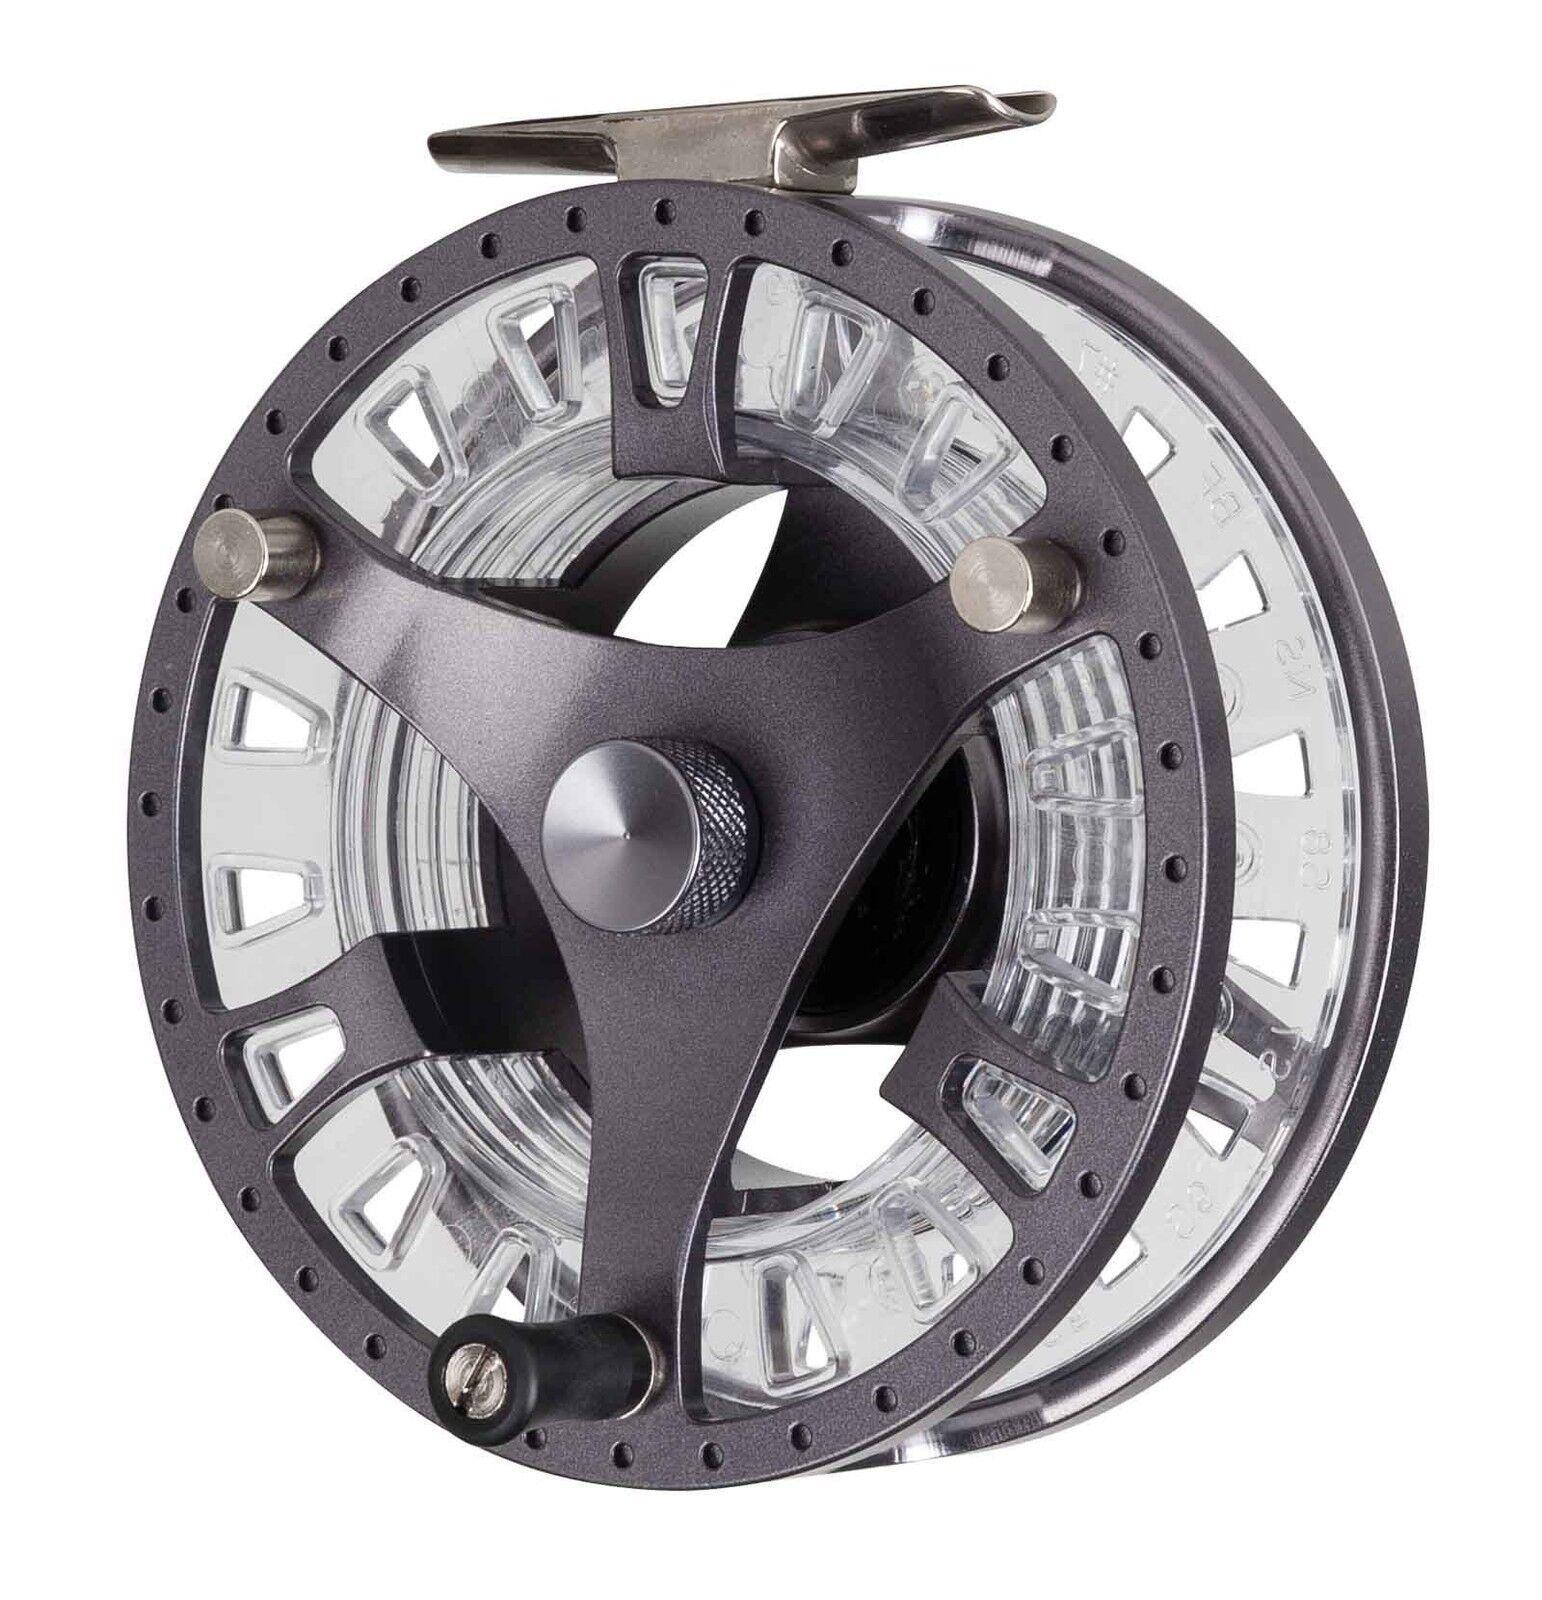 griss gts500 & gts700 PoliCochebonato Cassette  De Pesca Con Mosca Cocheretes-Neopreno Funda  a la venta